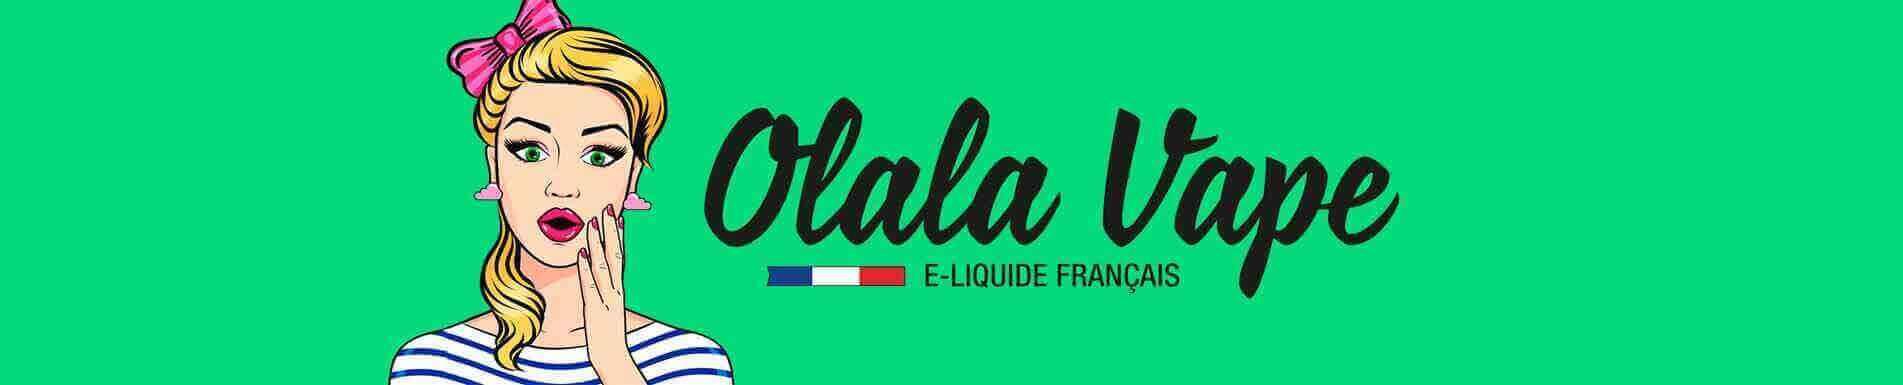 E-liquides Olala Vape